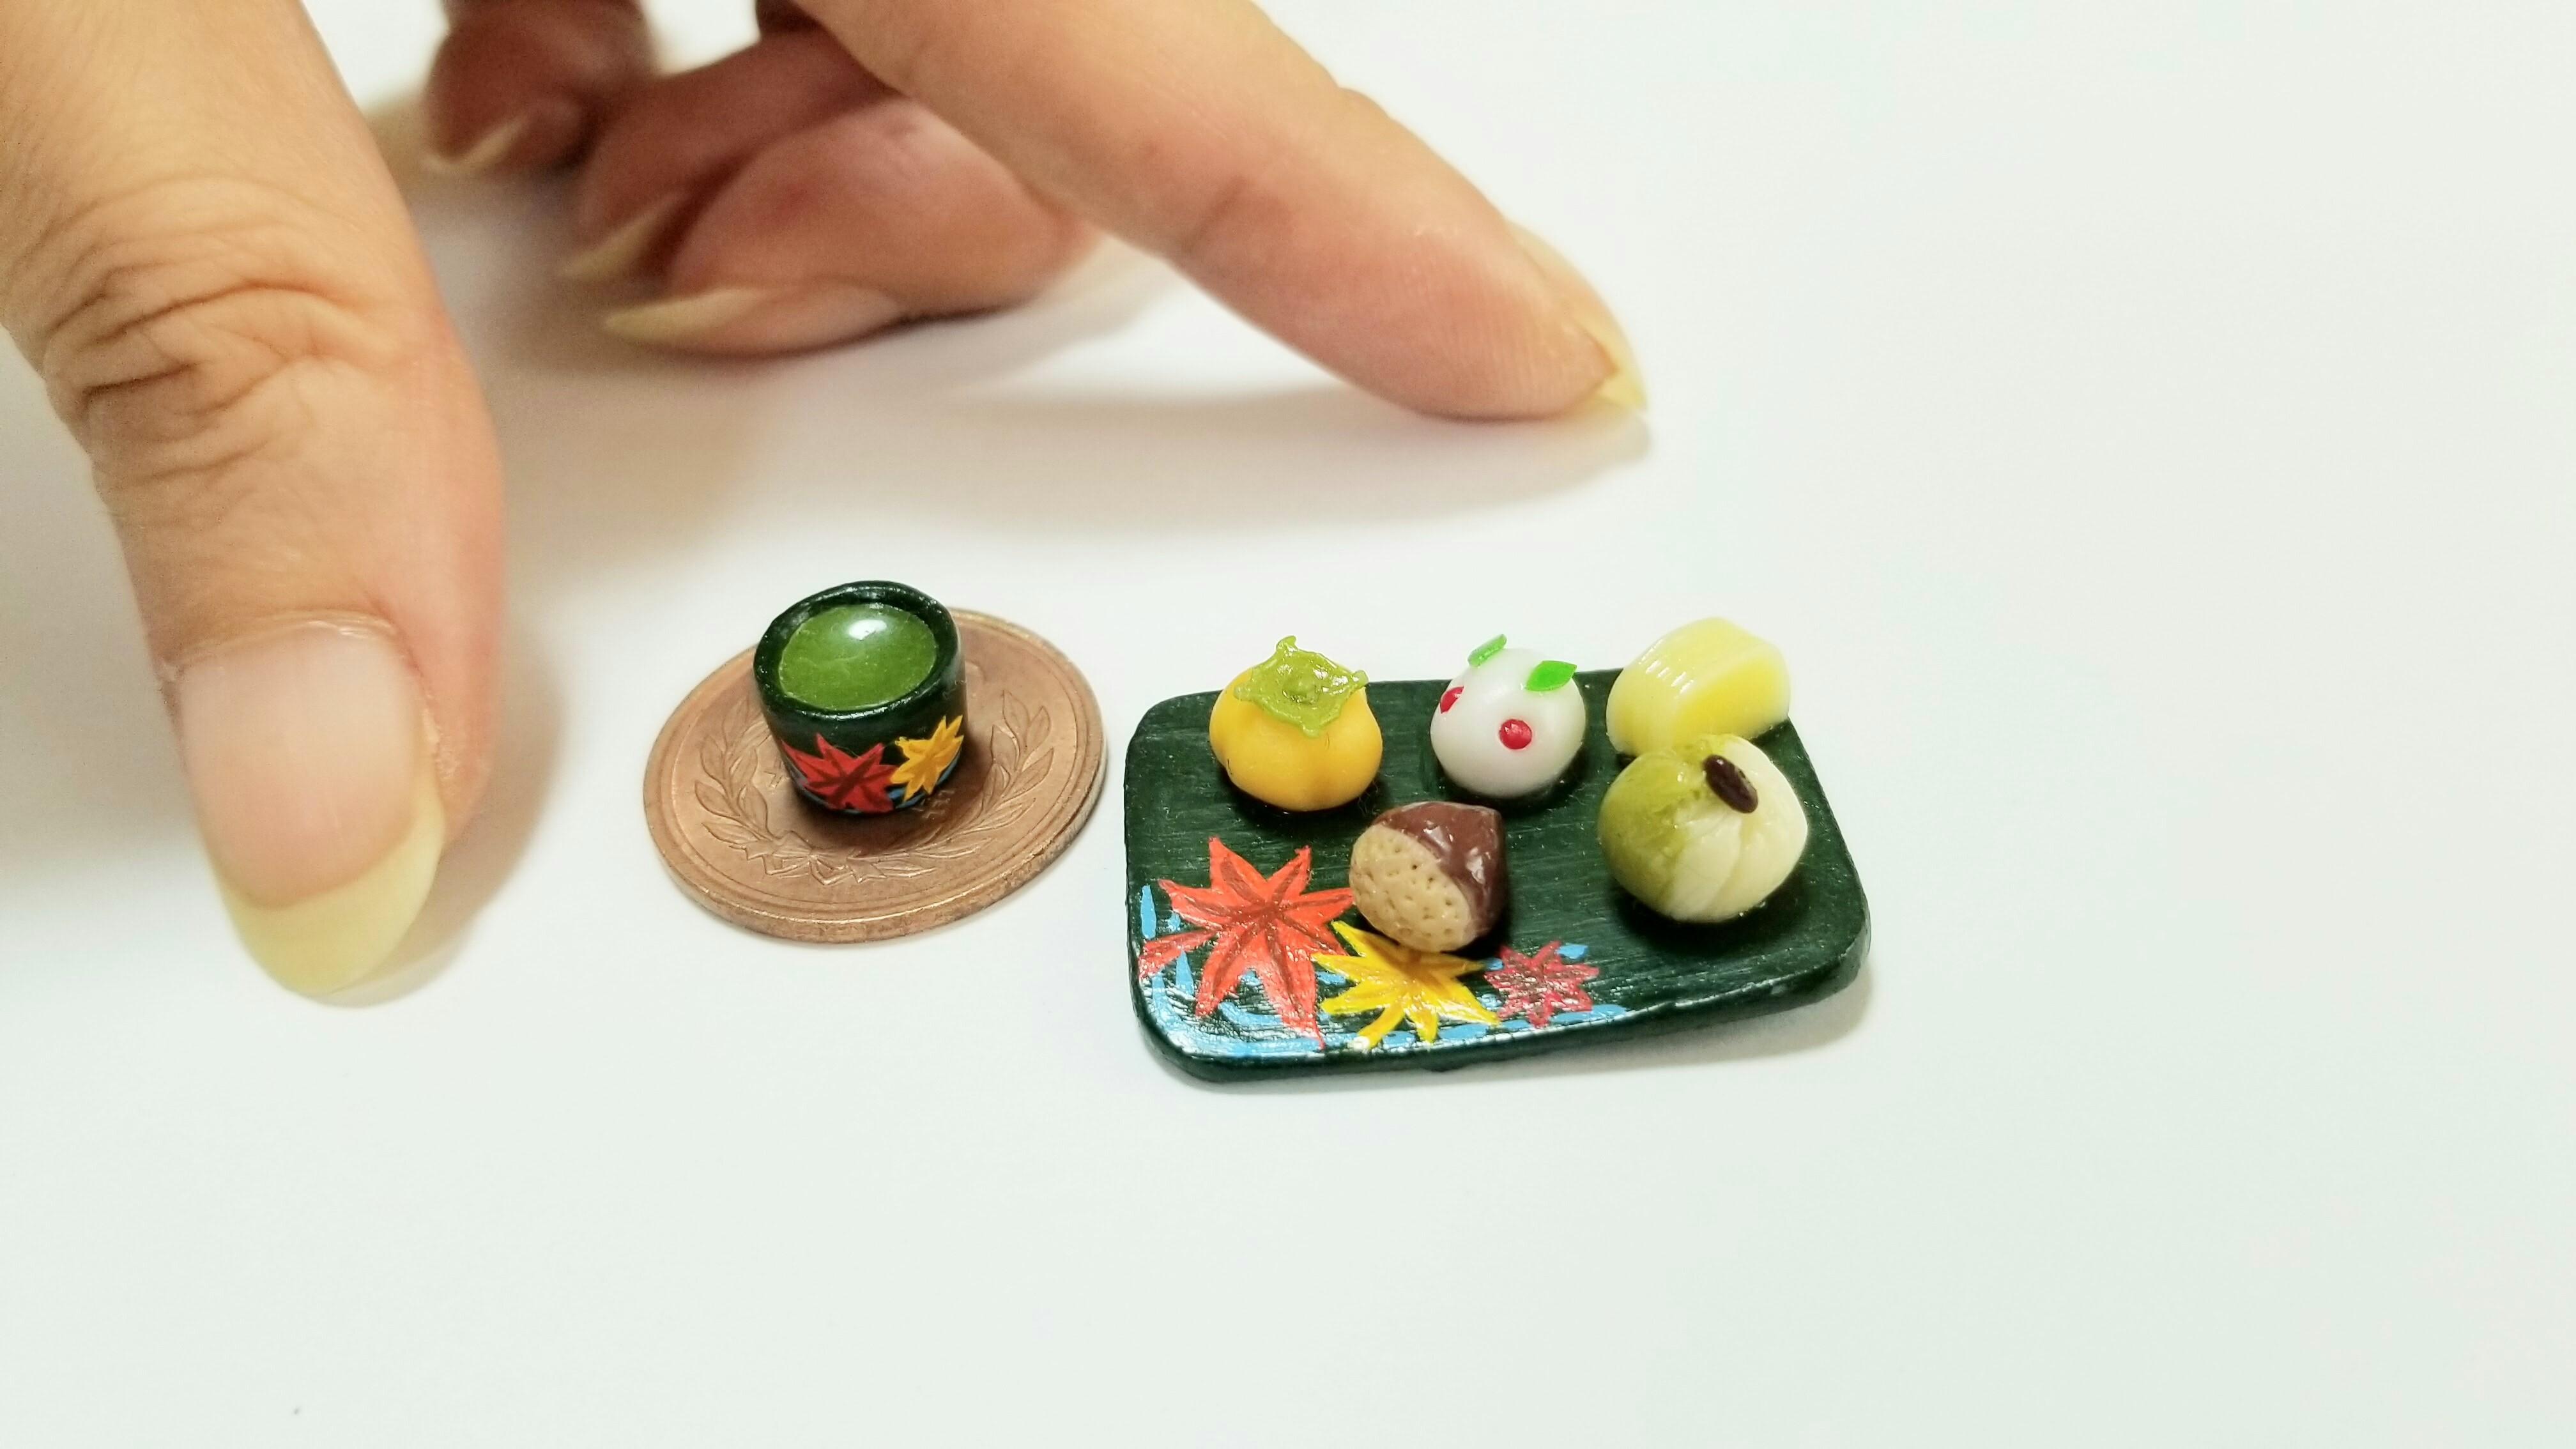 ミニチュア和菓子セットかわいい綺麗な季節の秋冬お洒落おすすめ美味